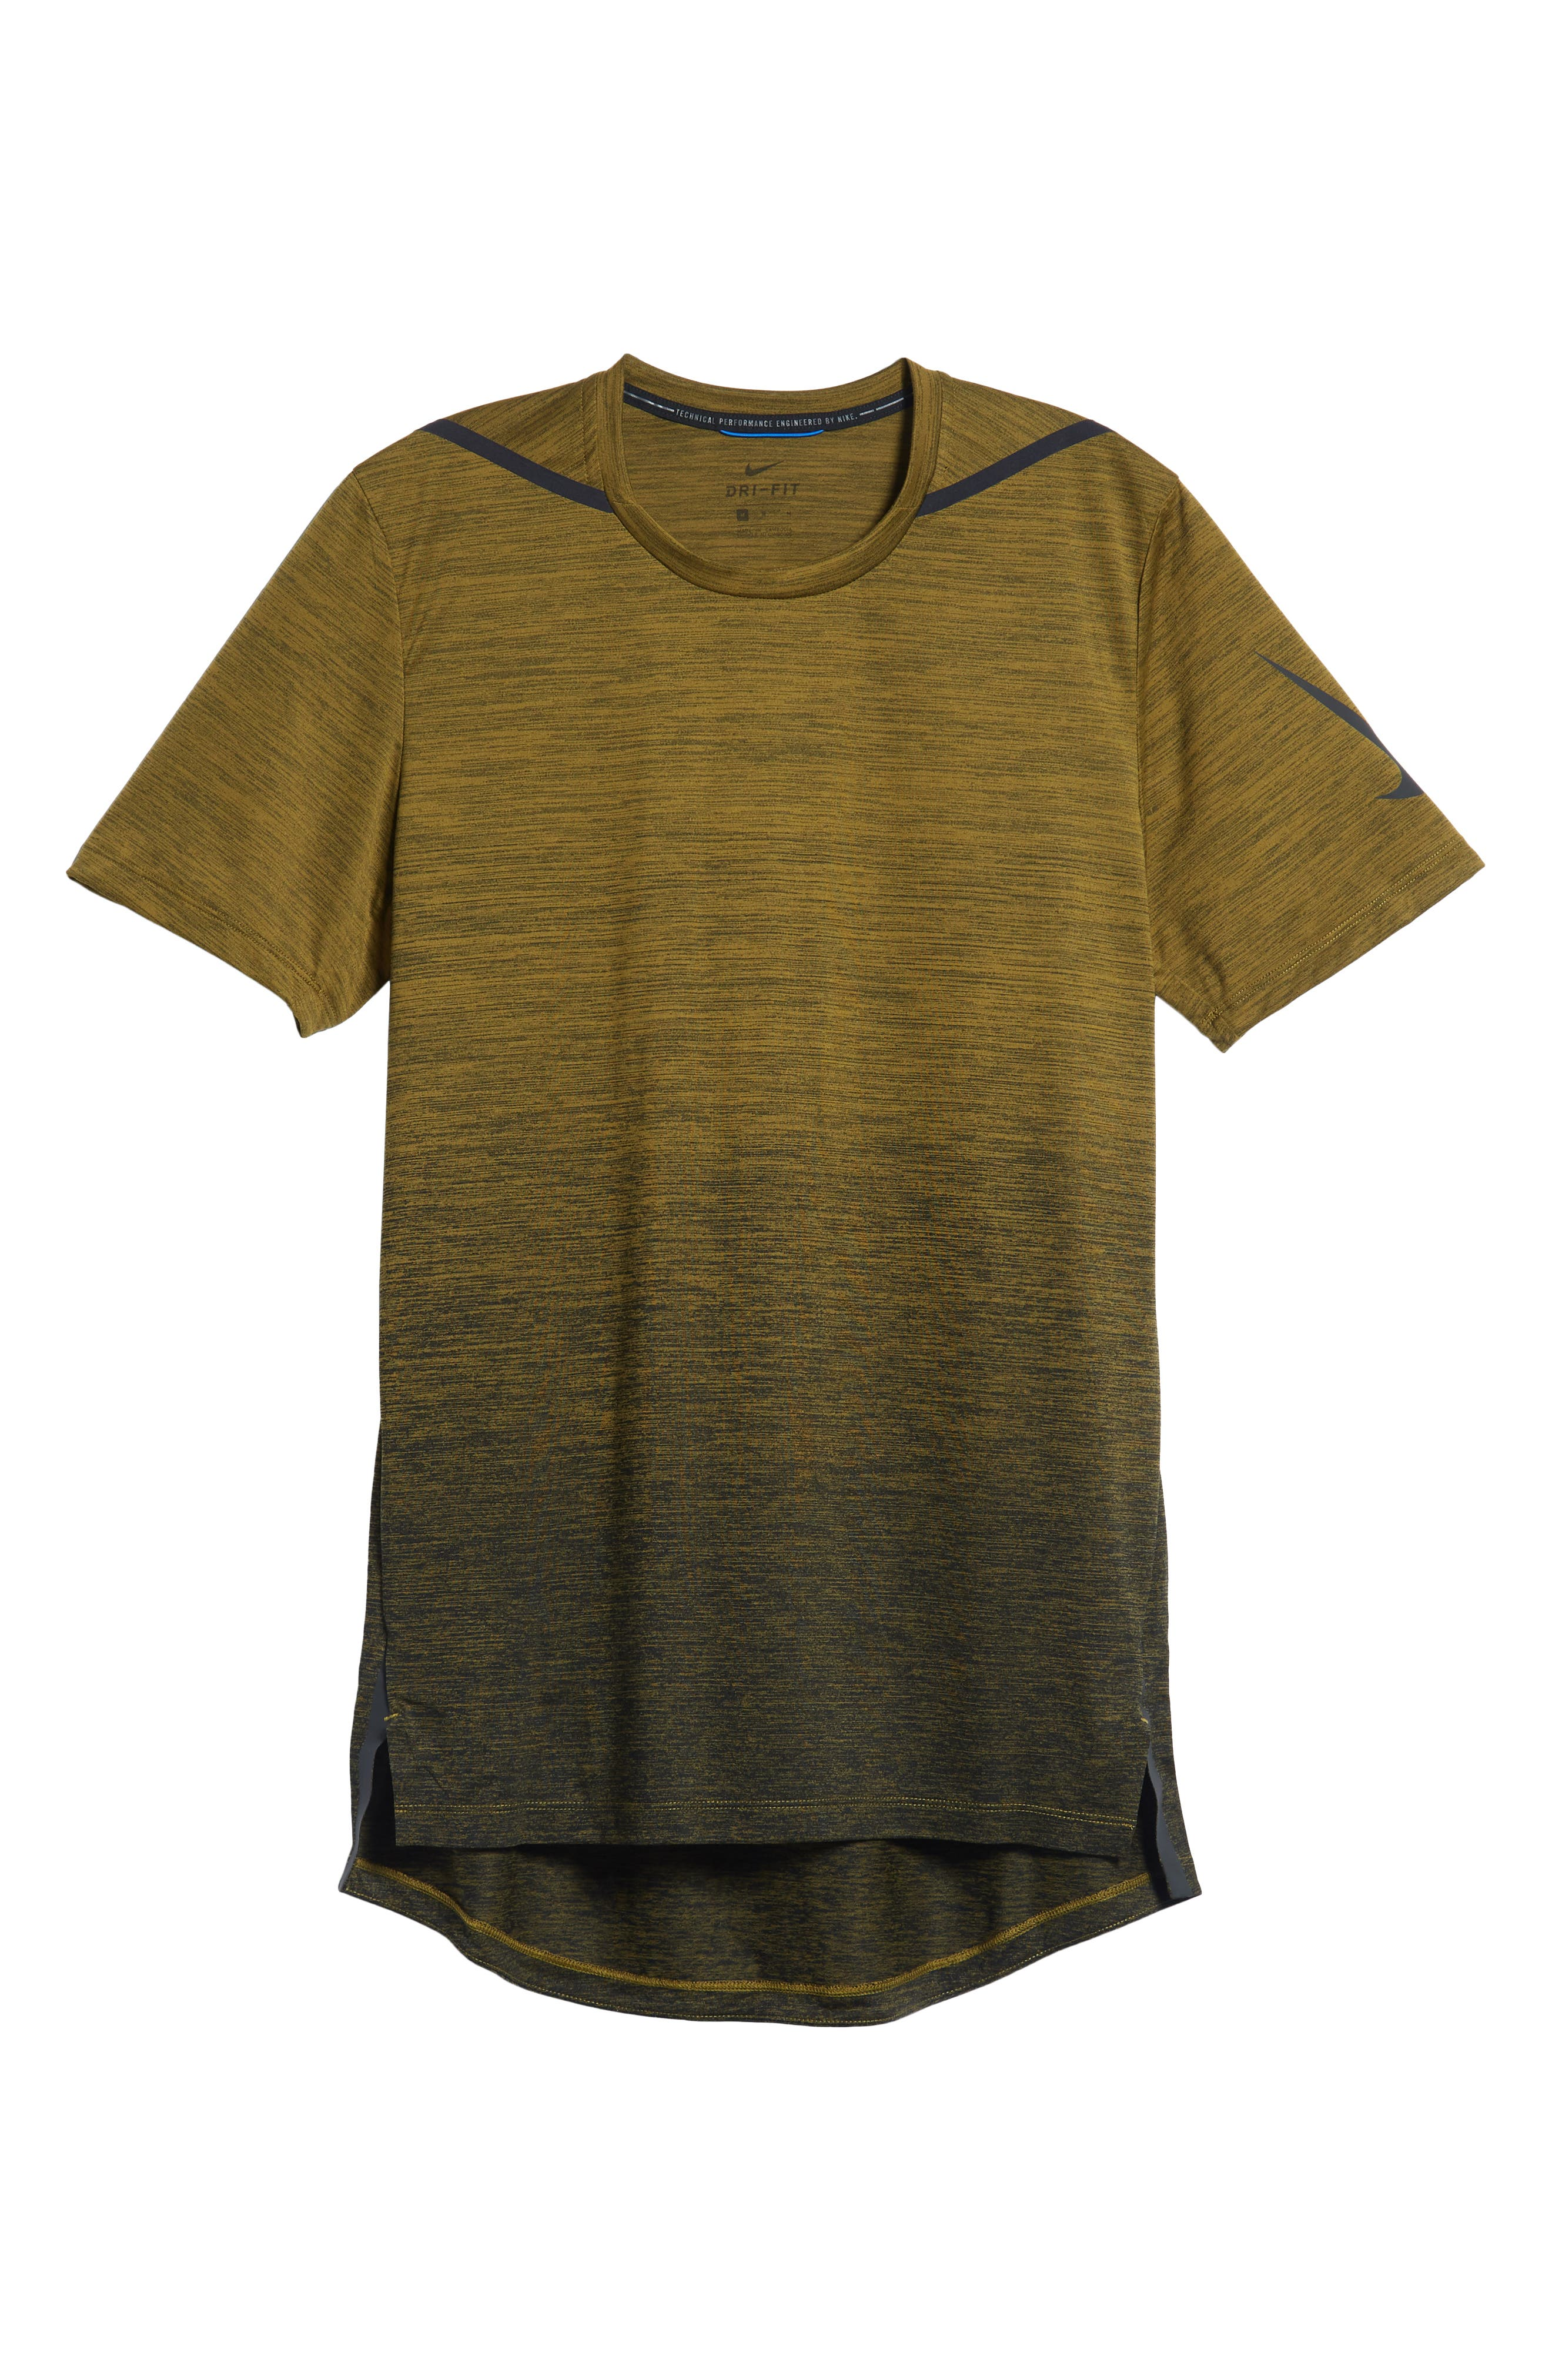 NIKE, Dry Max Training T-Shirt, Alternate thumbnail 6, color, OLIVE FLAK/ BLACK/ COBALT